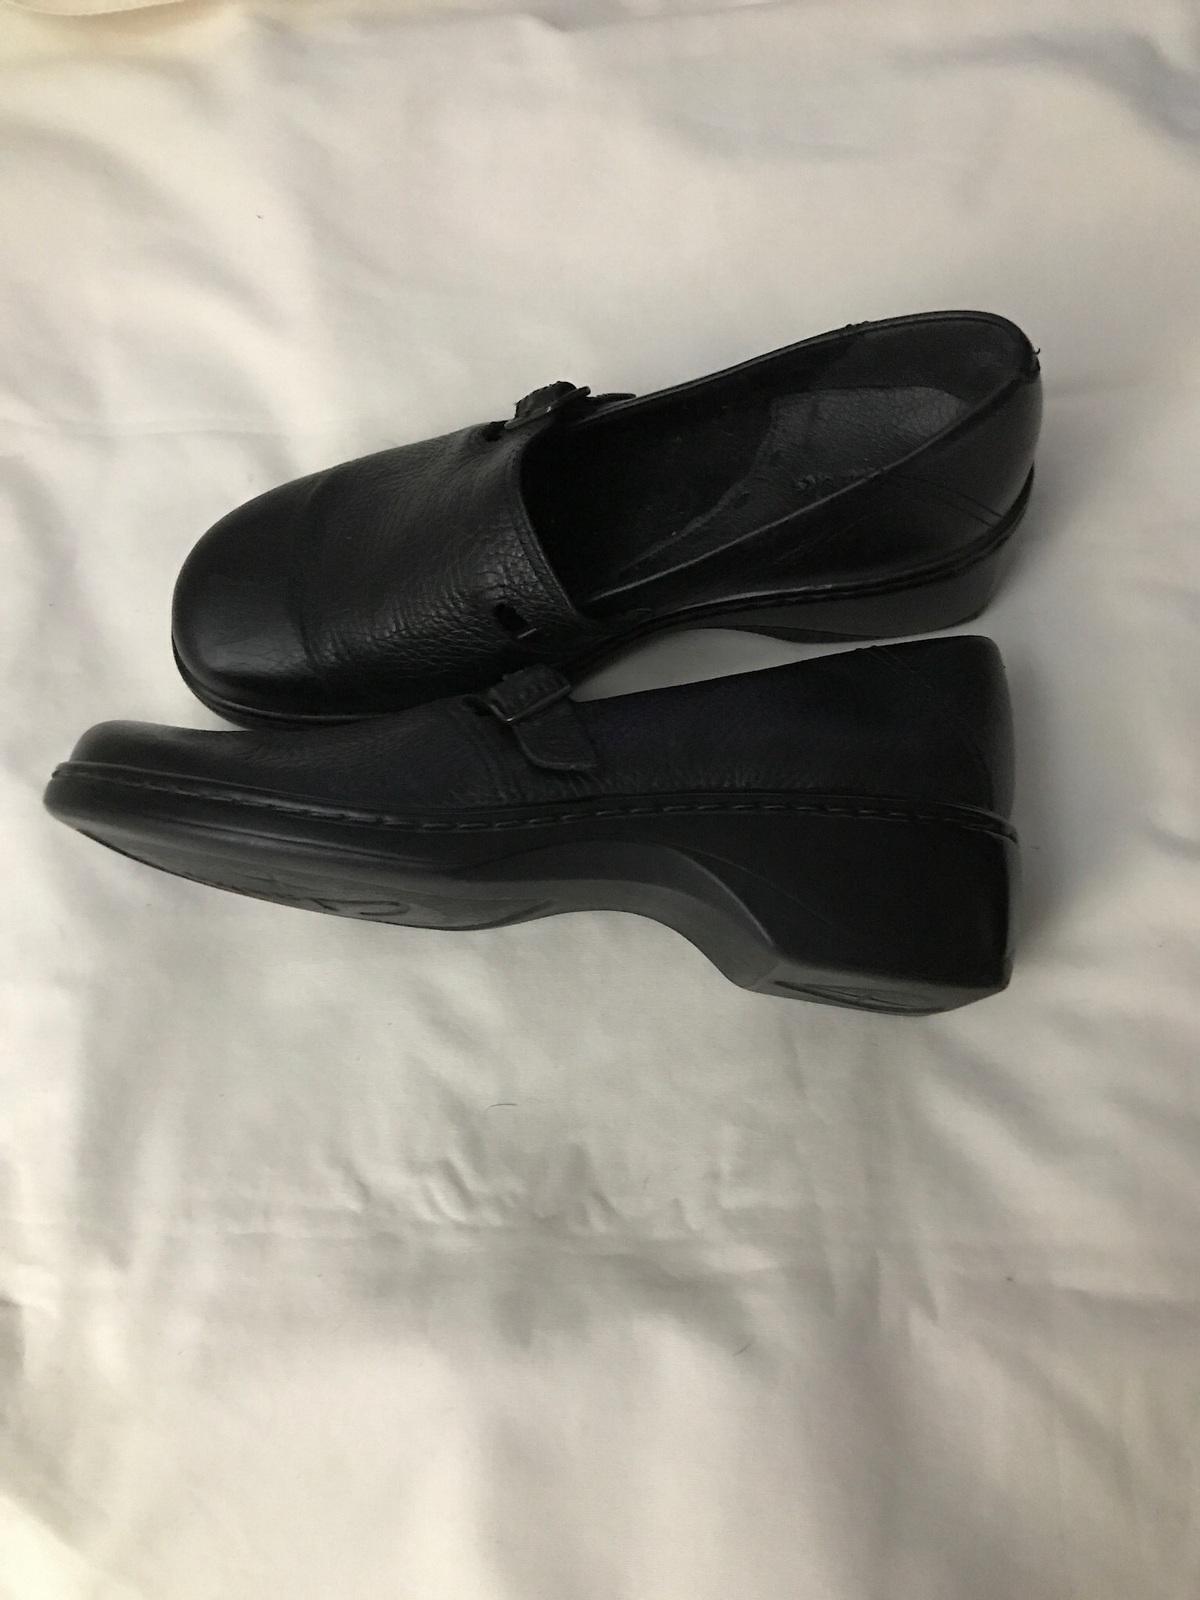 Women's  Clarks Shoes Size 8P